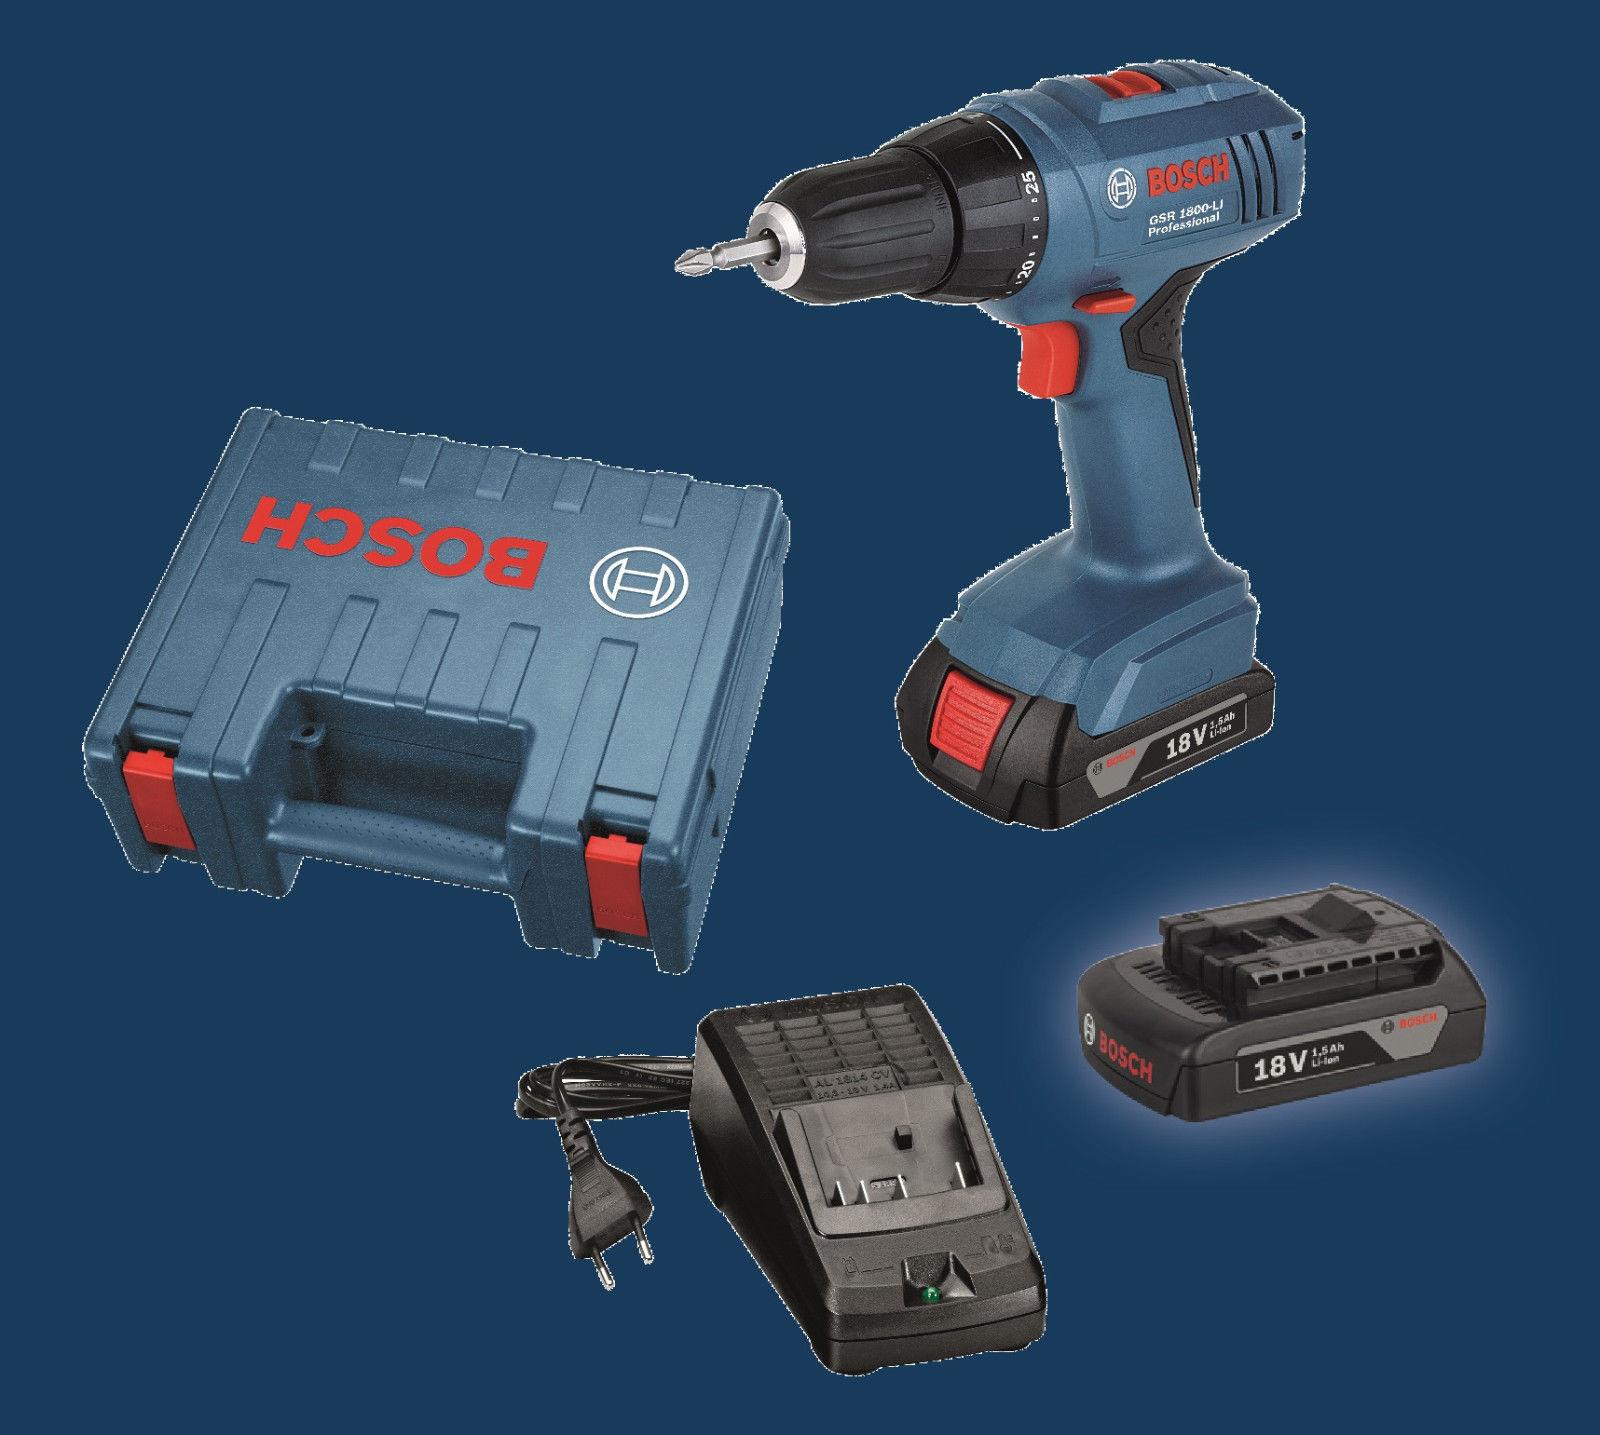 [Ebay] Bosch Akku-Bohrschrauber GSR 1800-LI mit 2 x 1,5 Ah 18 V Akku im Koffer  für 89,99 Euro